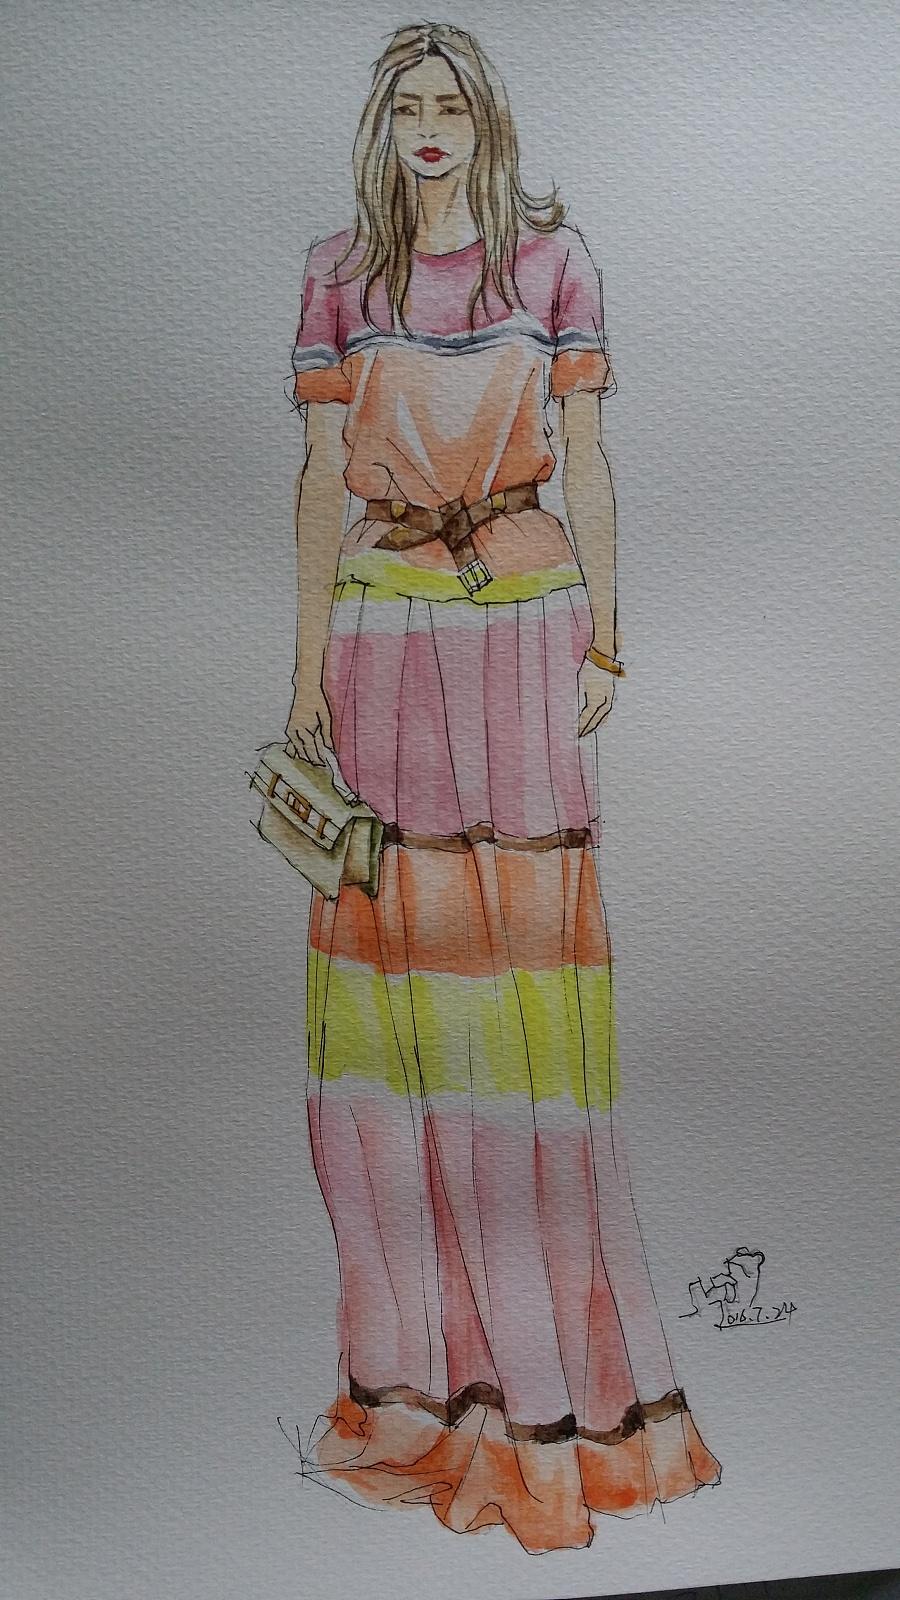 原创作品:手绘时装插画(女装)